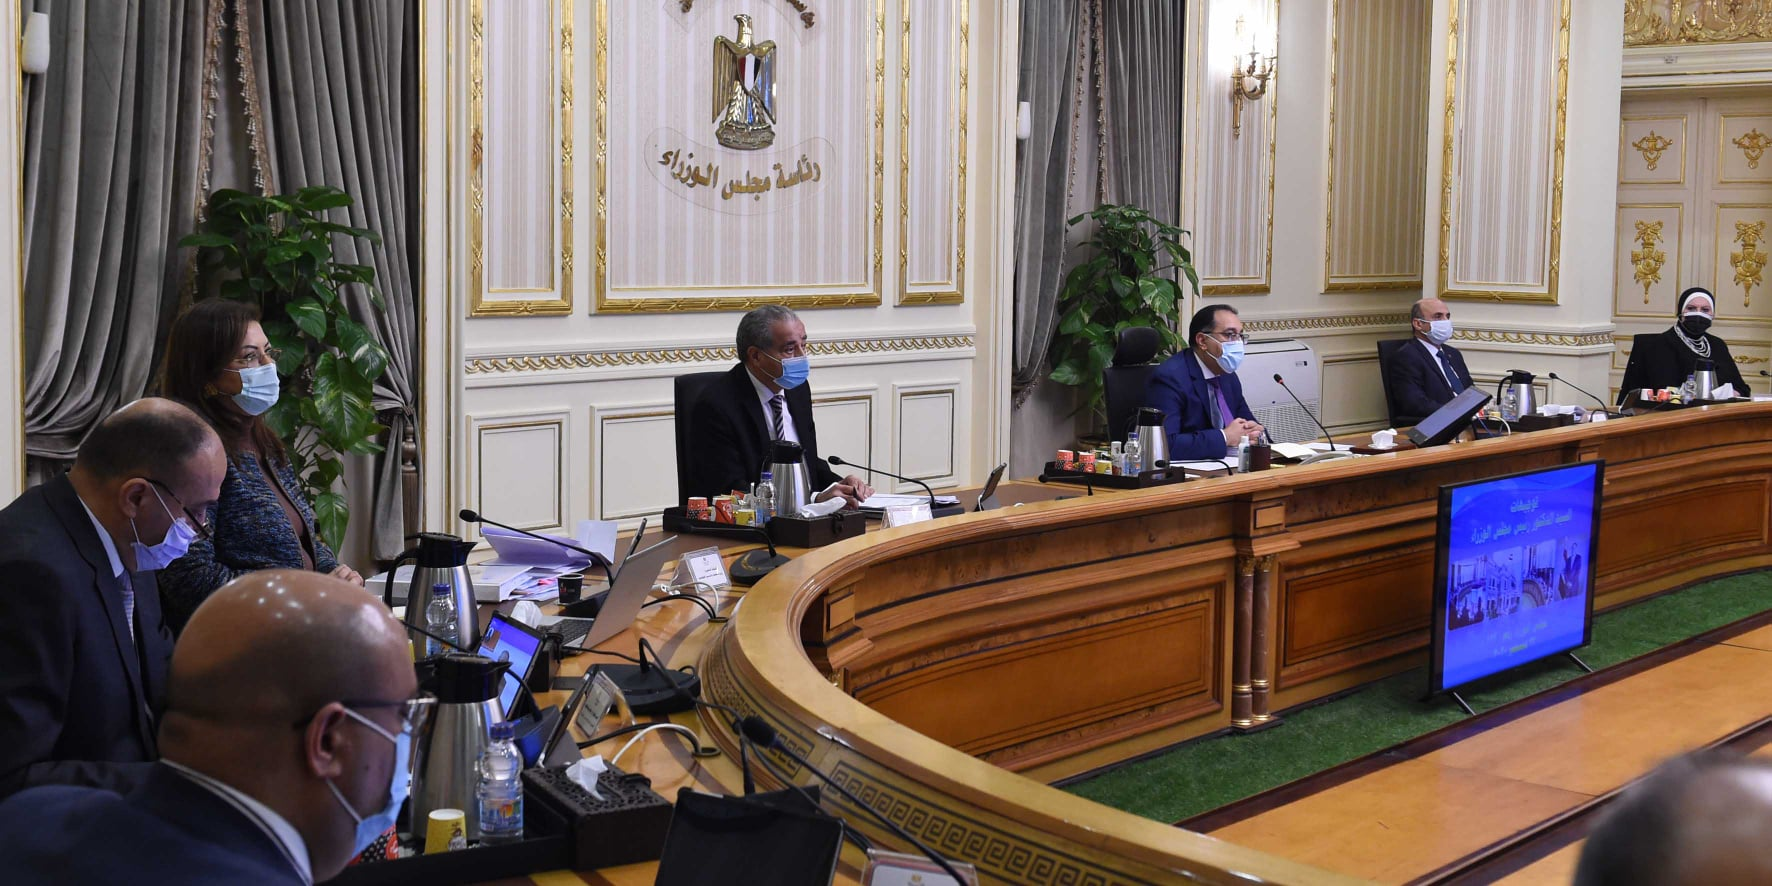 4 قرارات عاجلة لمجلس الوزراء في اجتماع الحكومة الأسبوعي